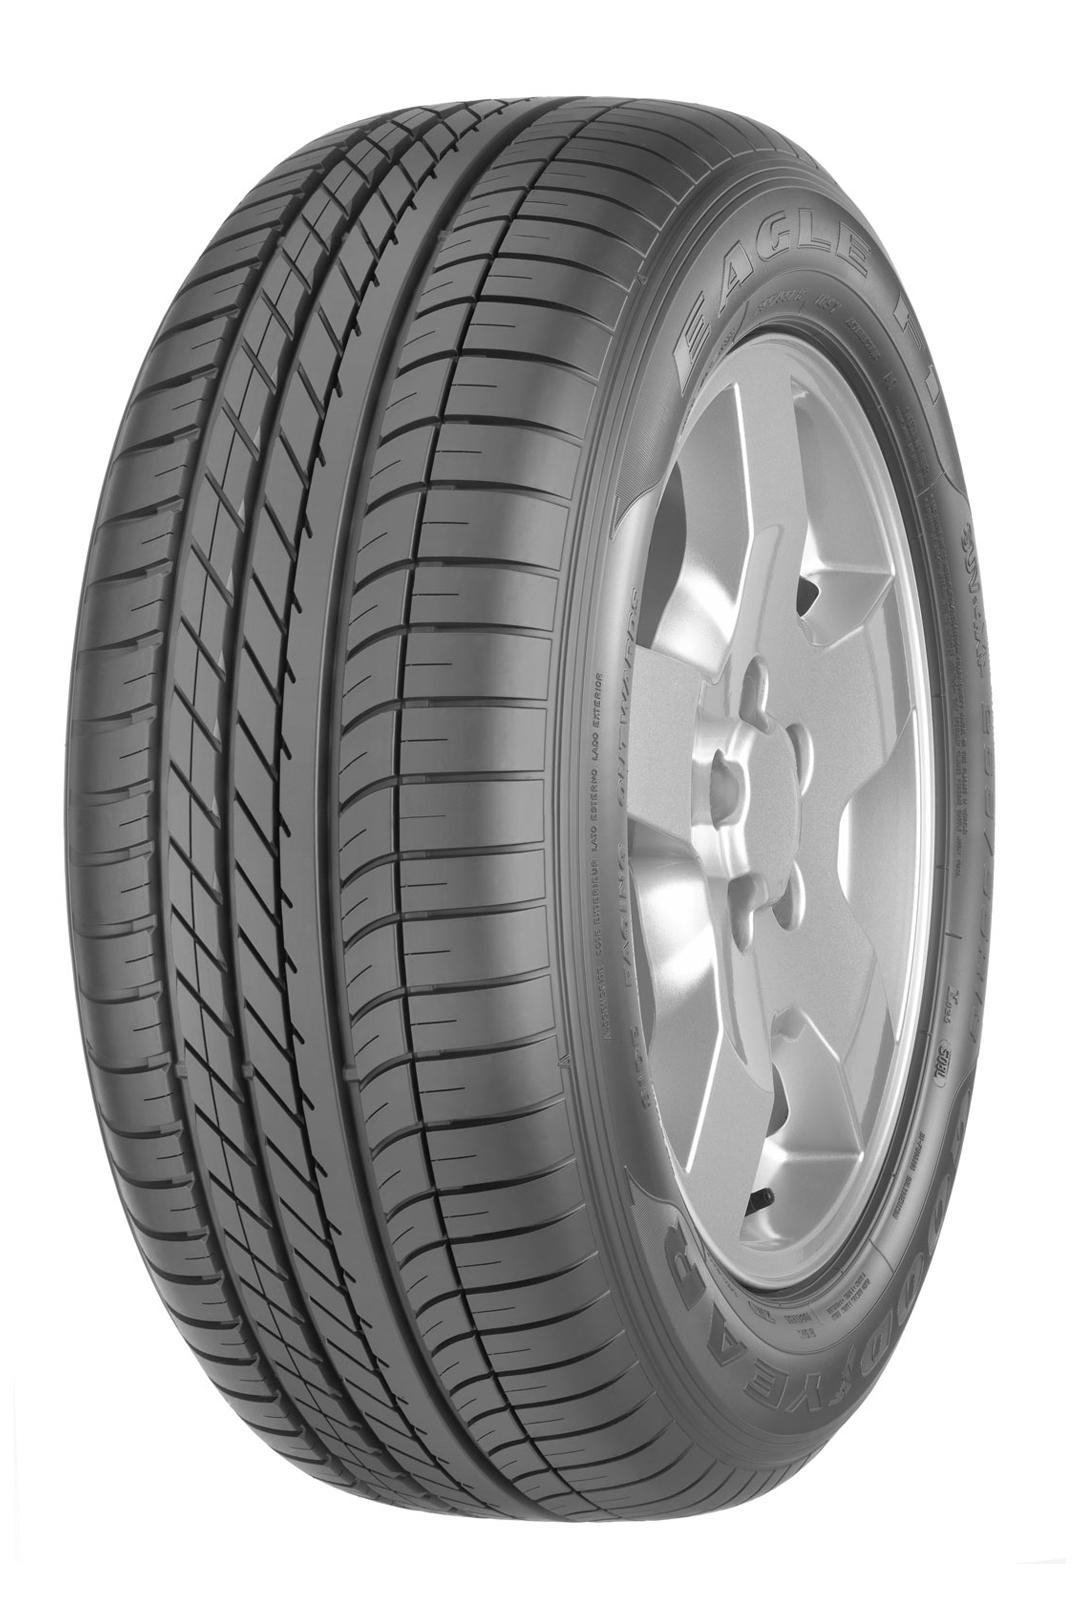 Summer Tyre GOODYEAR EAGLE F1 (ASYMMETRIC) 2 SUV 4X 285/45R20 112 Y